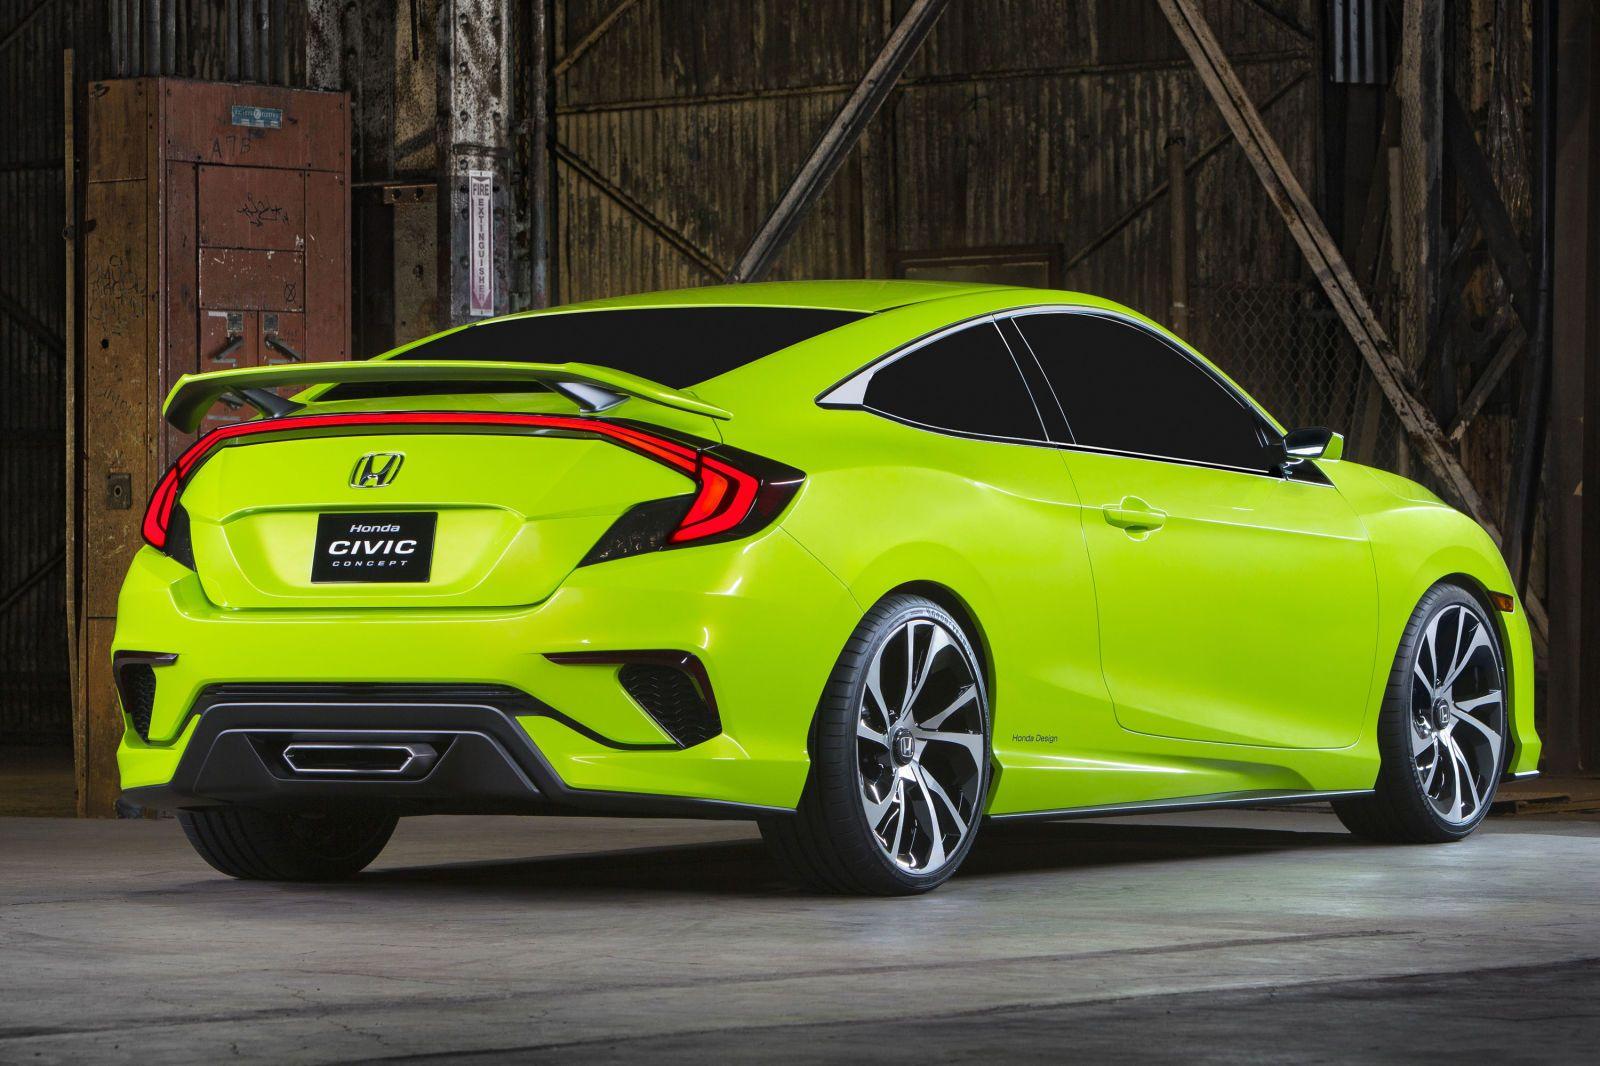 2016 Honda Civic Concept The Official Photos Honda